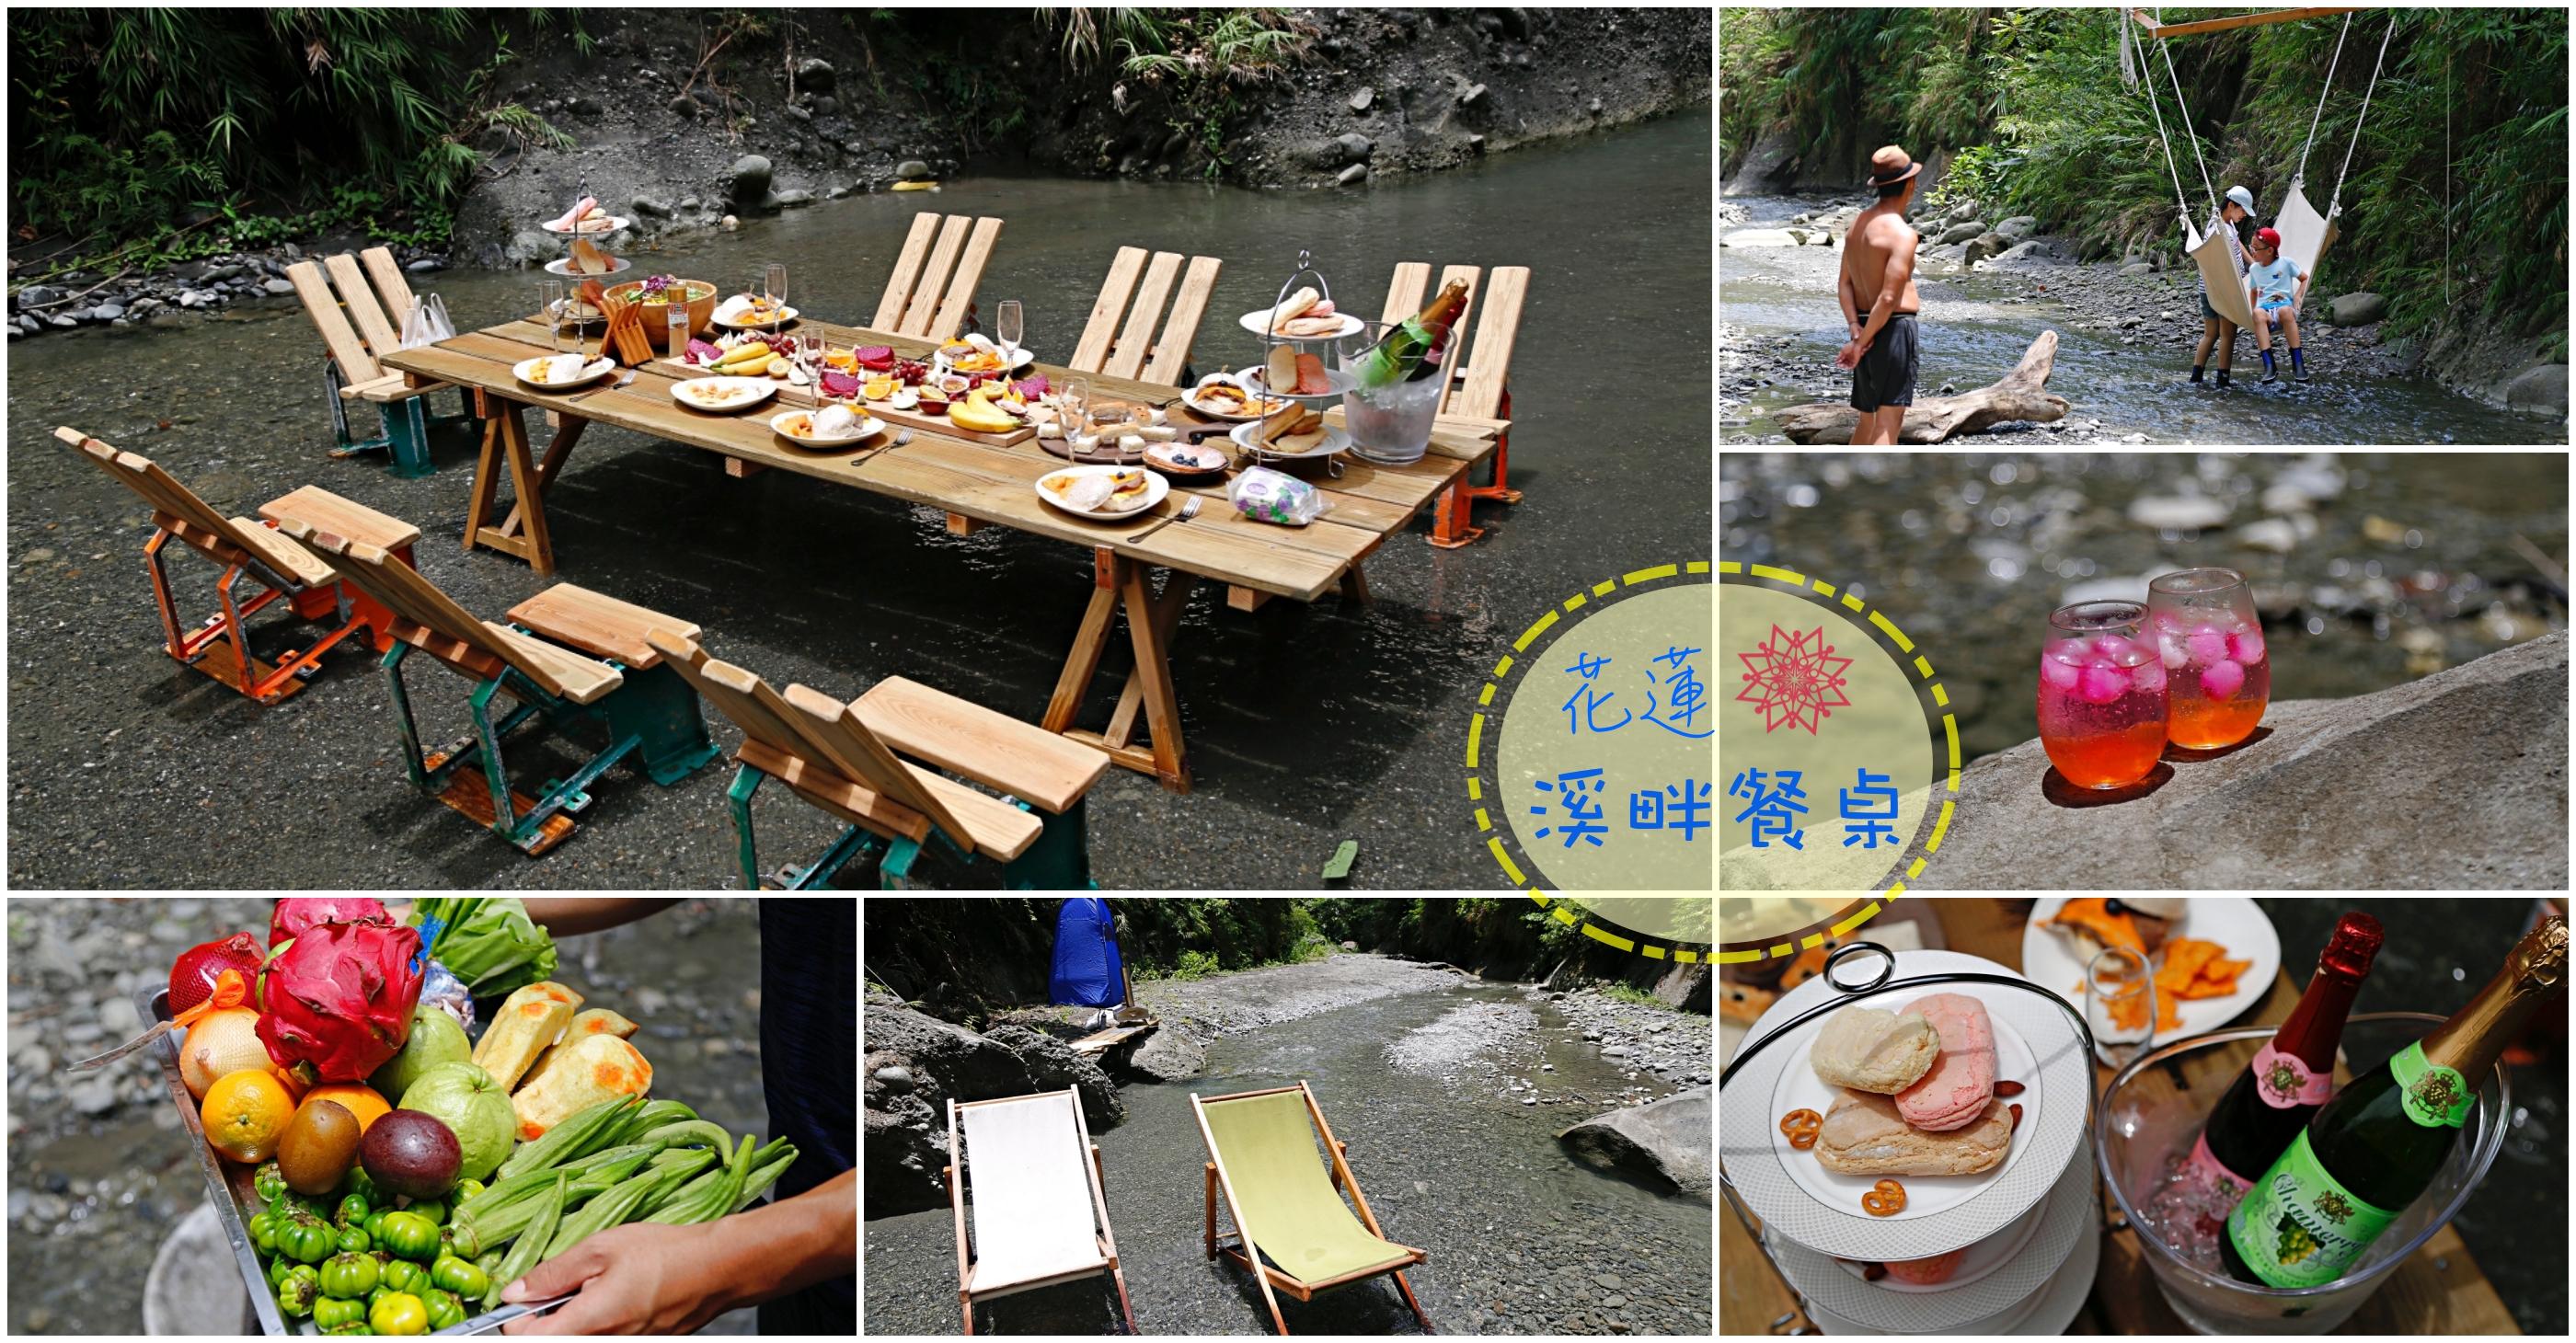 網站近期文章:[花蓮美食]花蓮溪畔餐桌|花蓮新玩法結合溯溪與美食~獨一無二超浮誇下午茶體驗